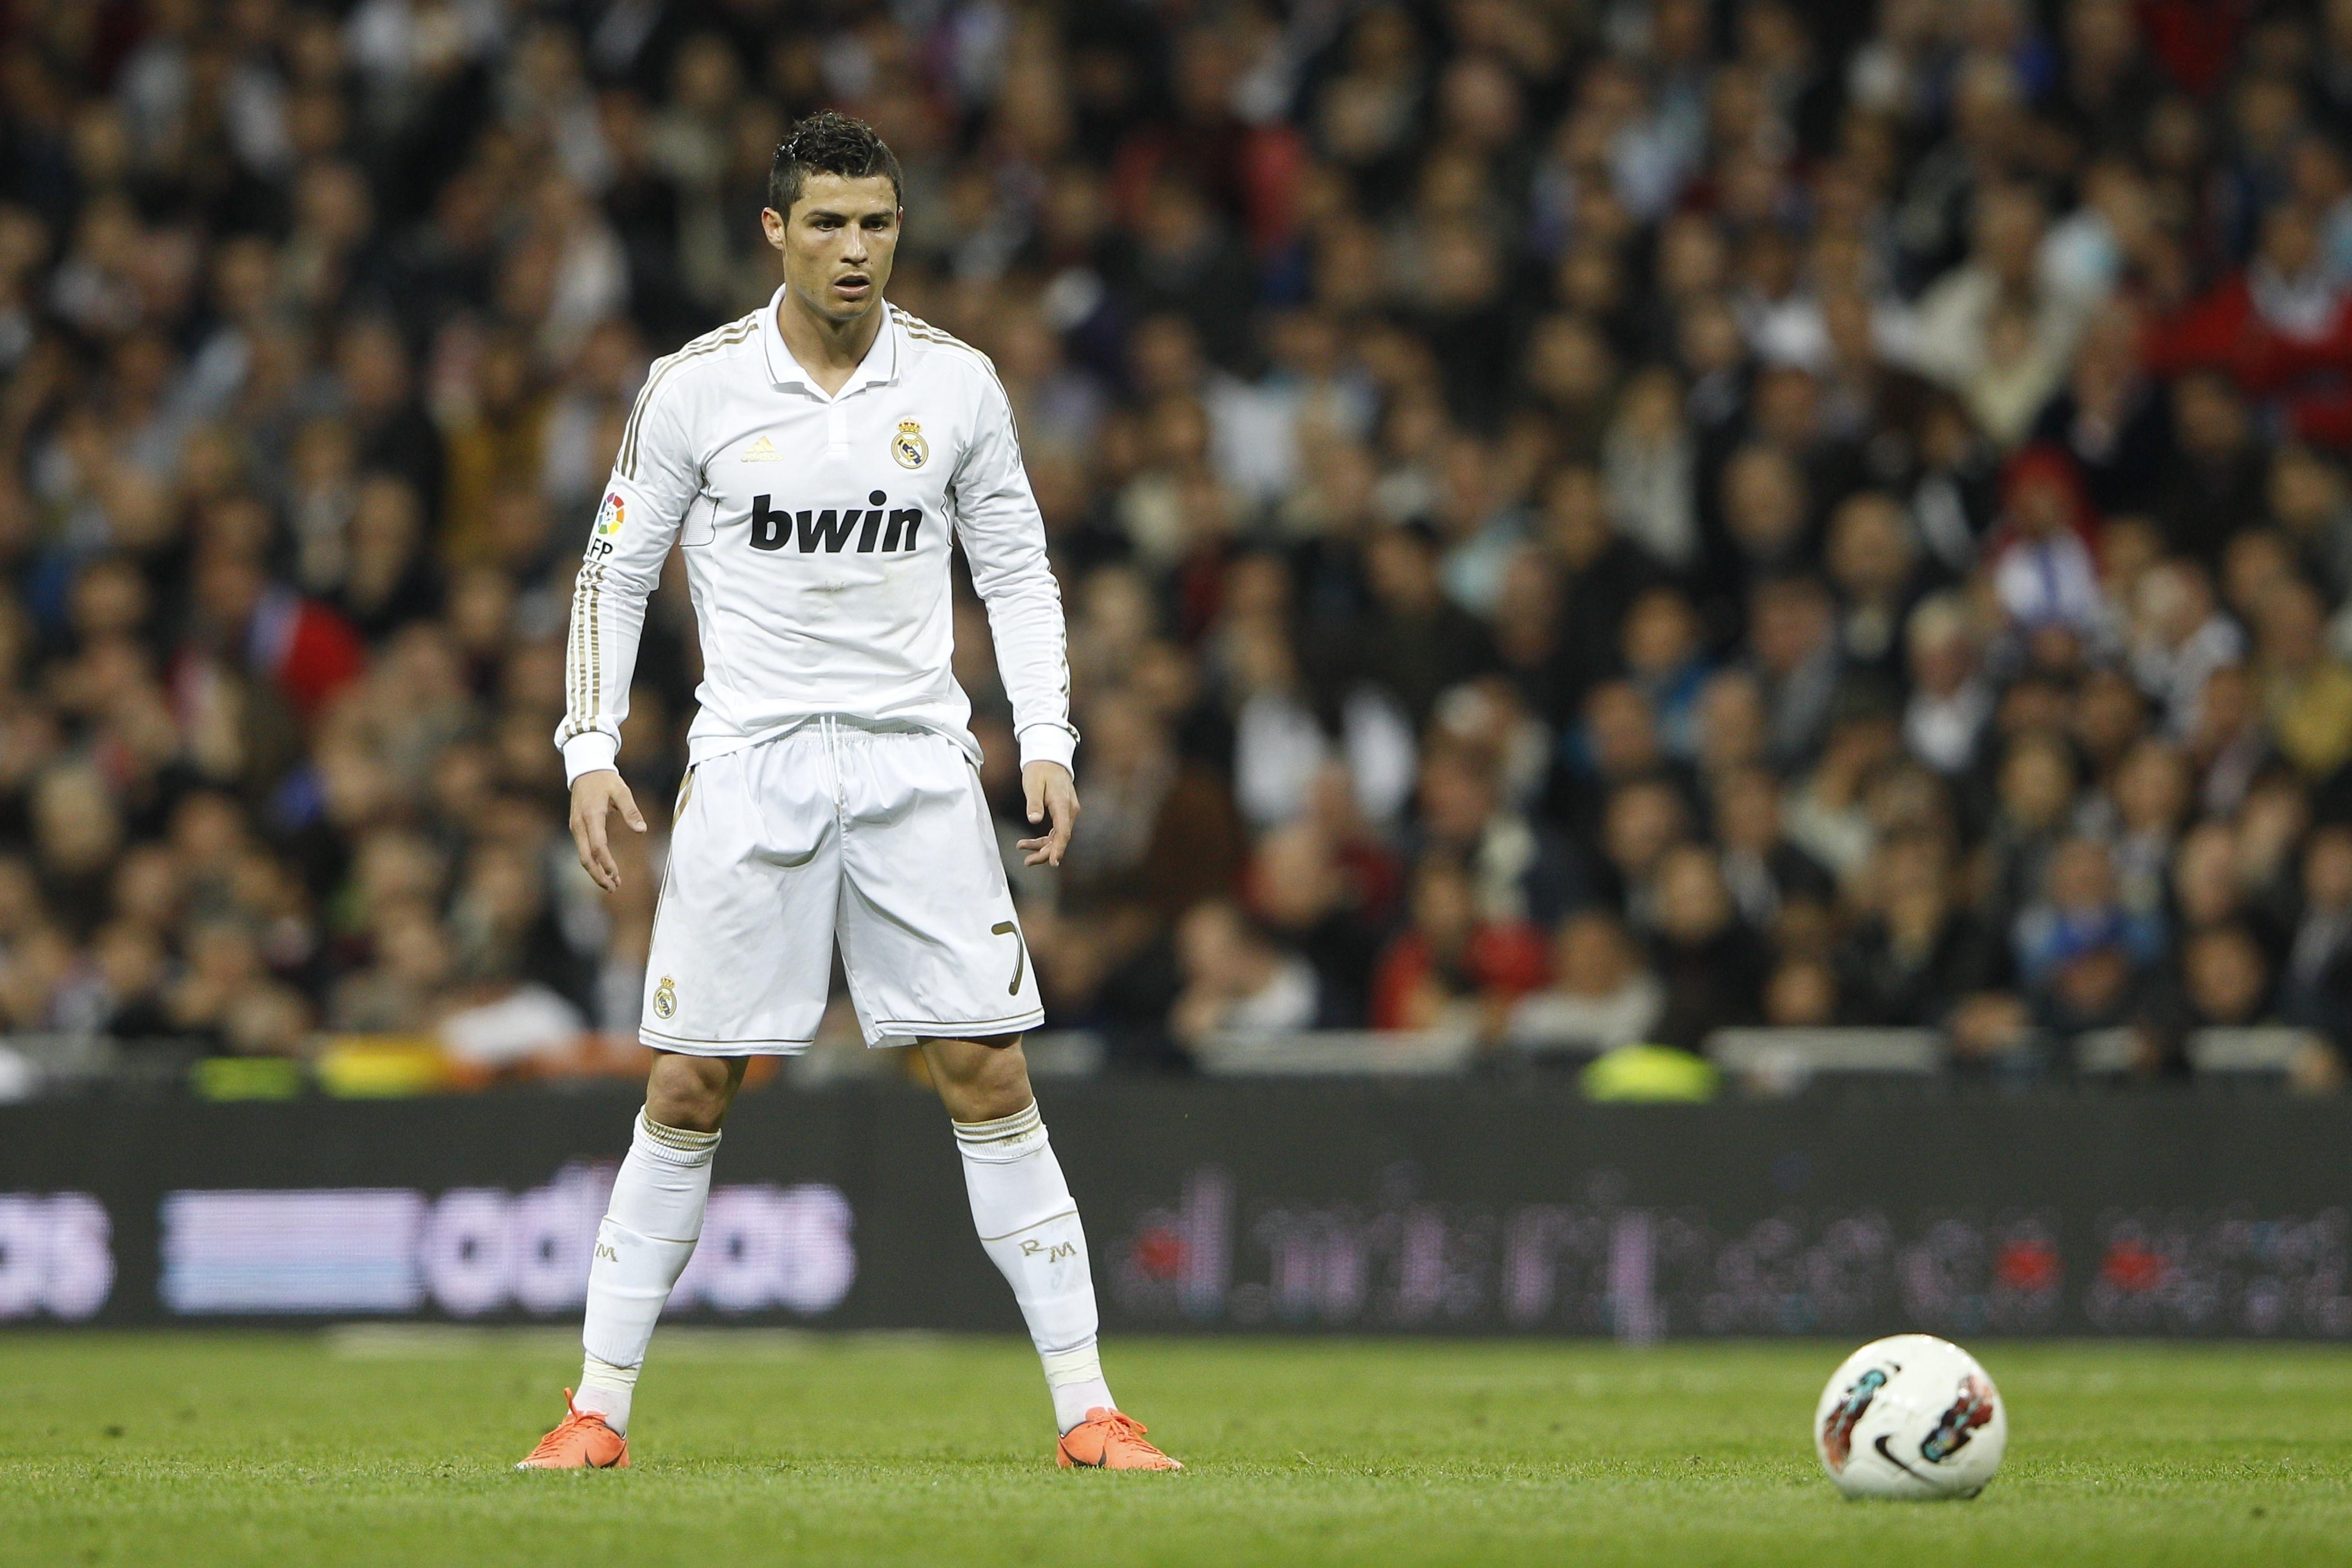 Oboi Real Madrid Shtrafnoj Ronaldu Cristiano Dlya Rabochego Stola Kartinki Sport Na Rabochij Stol